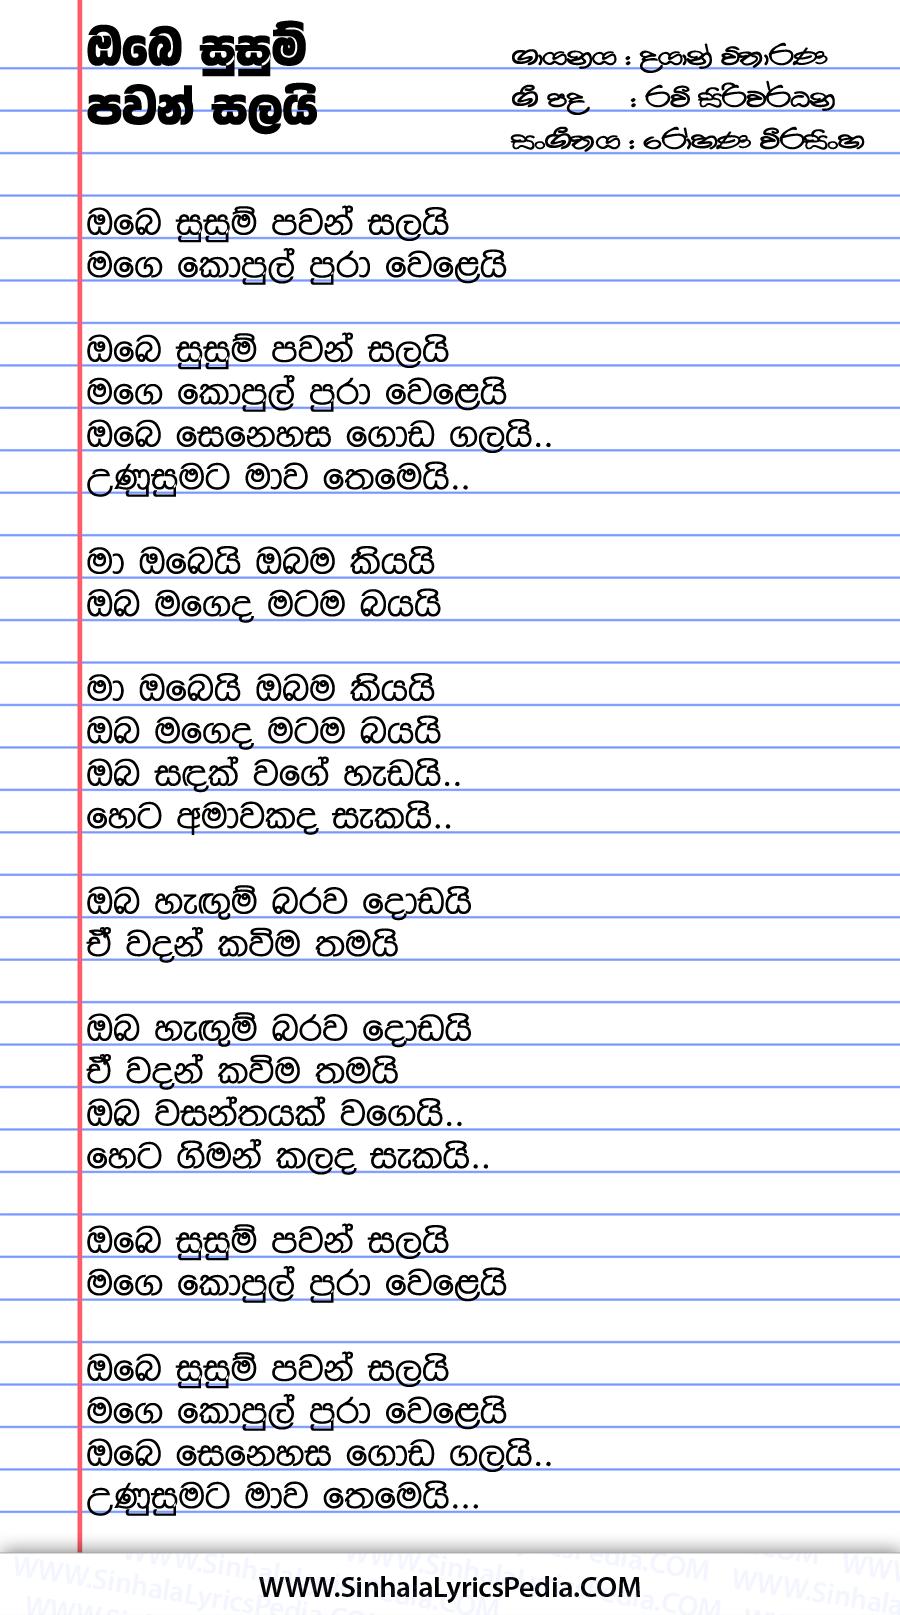 Obe Susum Pawan Salai Song Lyrics